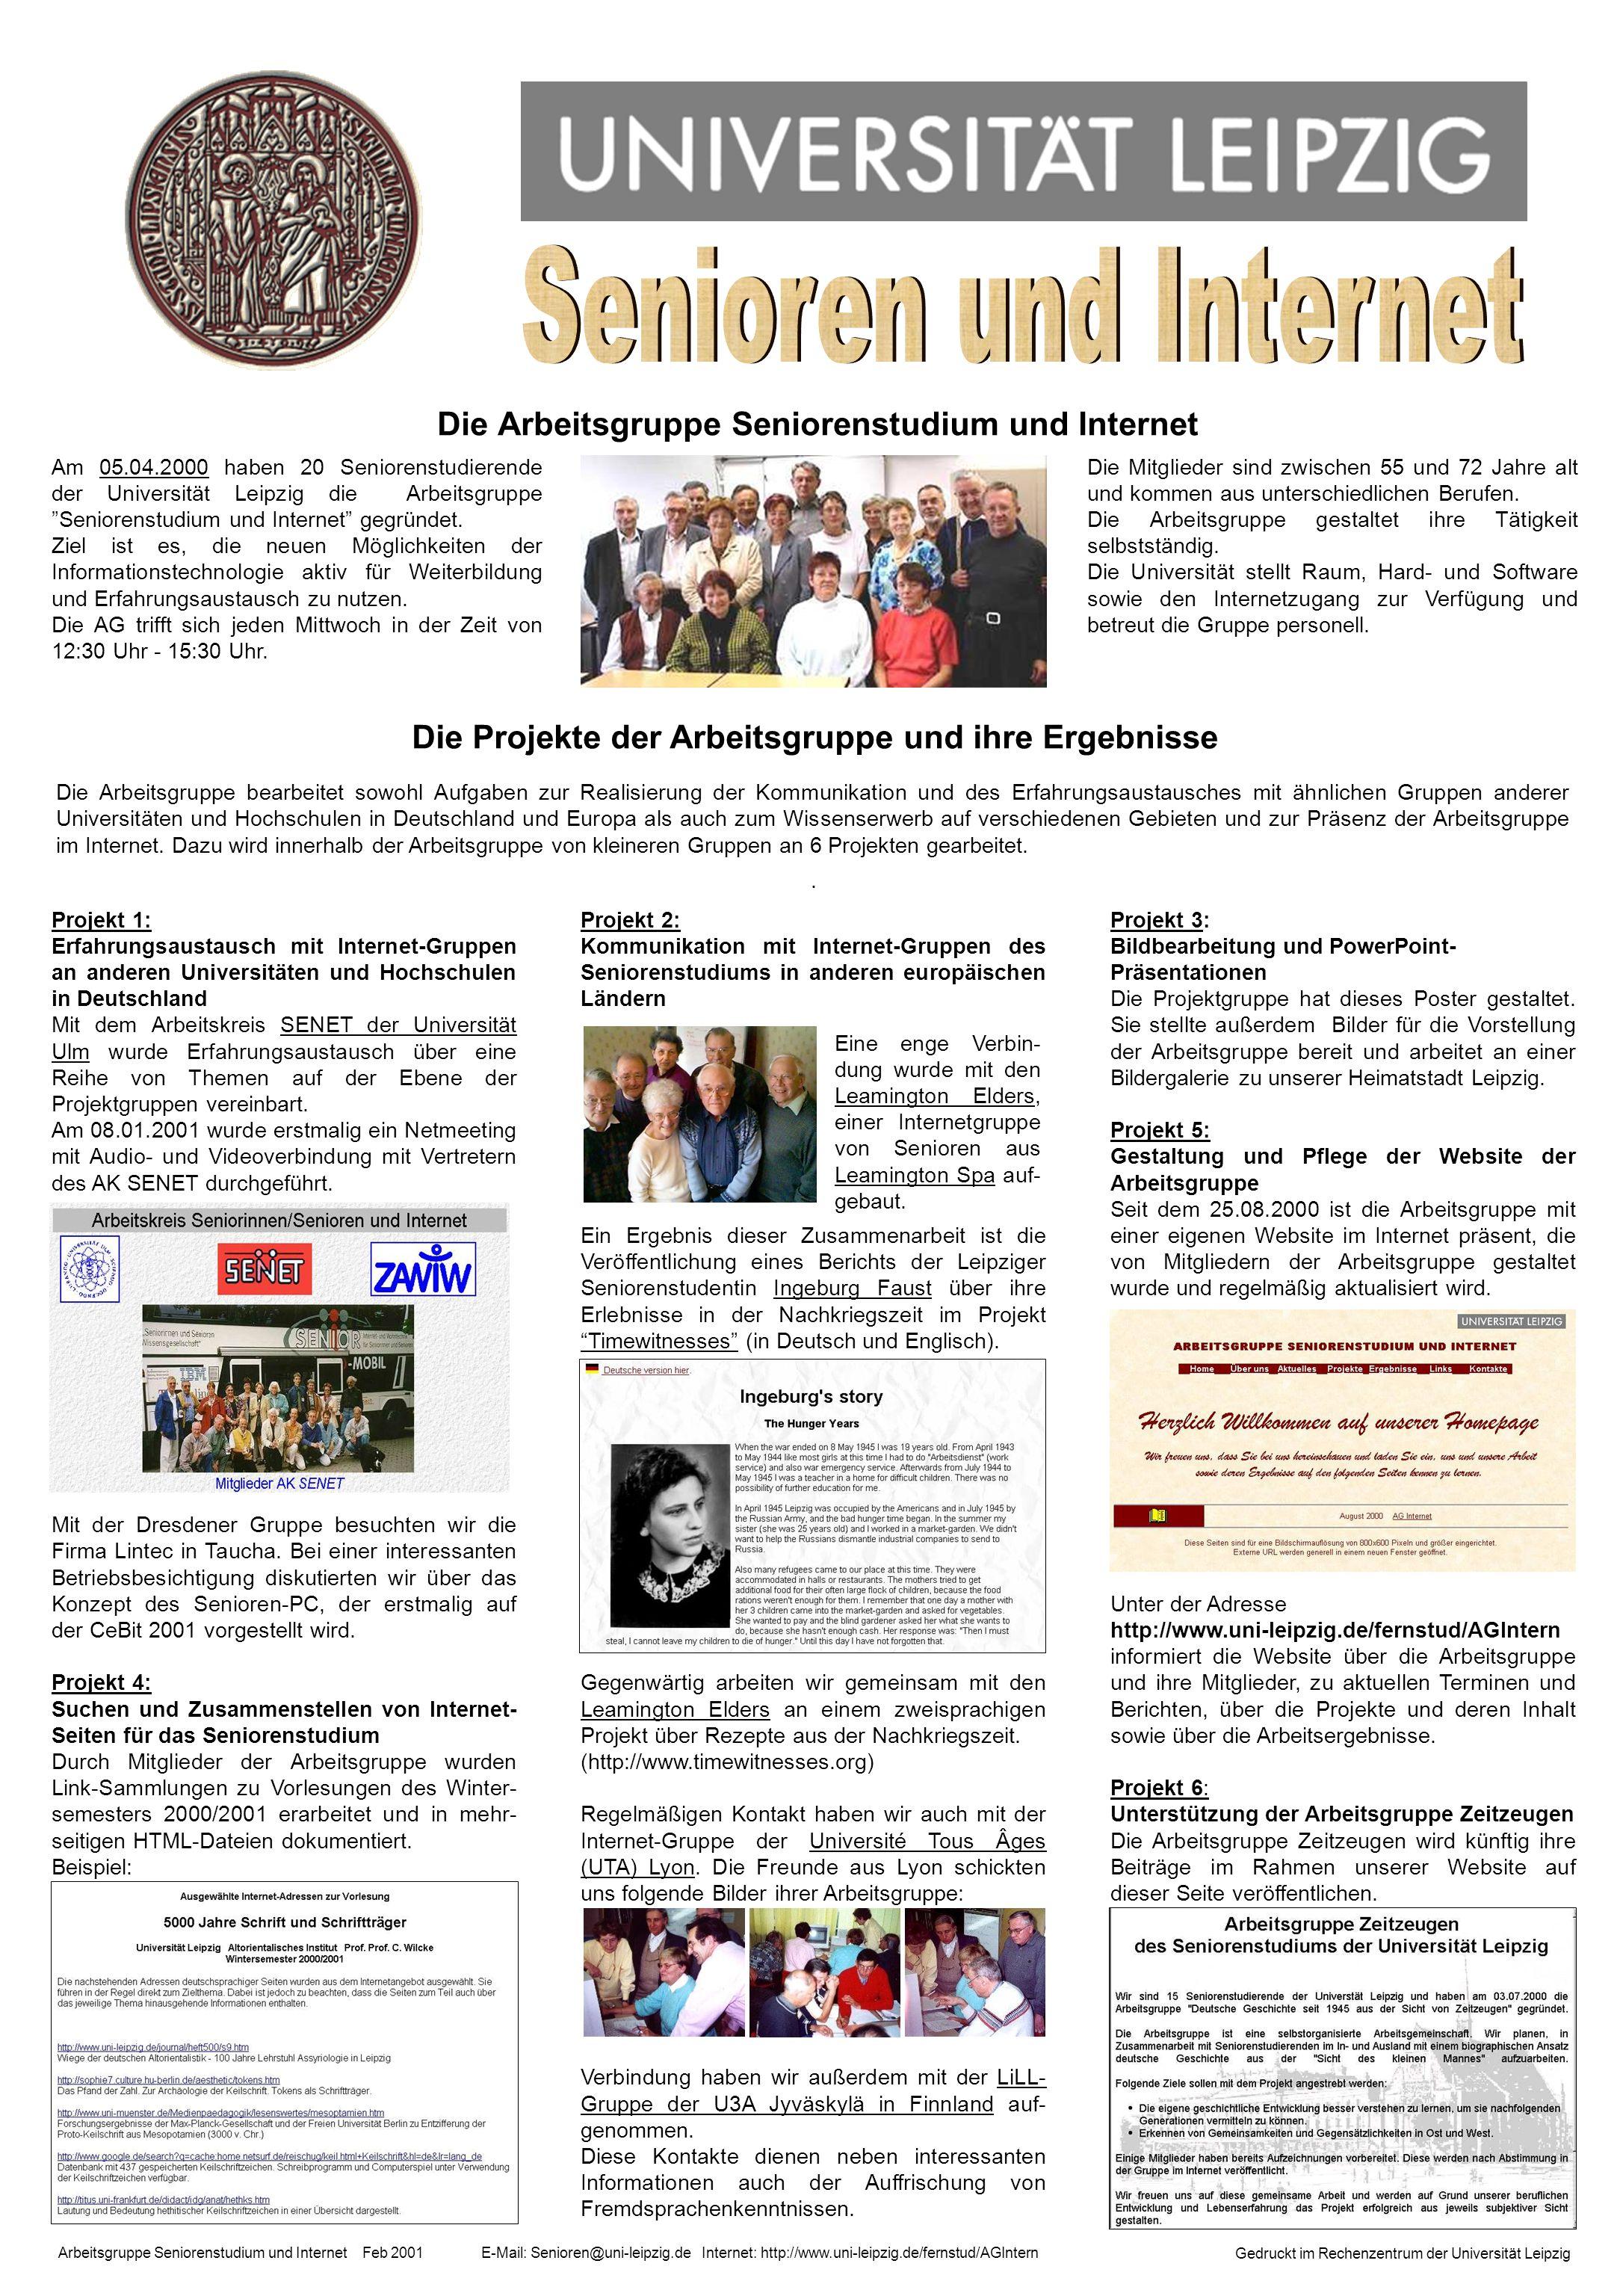 Am 05.04.2000 haben 20 Seniorenstudierende der Universität Leipzig die Arbeitsgruppe Seniorenstudium und Internet gegründet. Ziel ist es, die neuen Mö